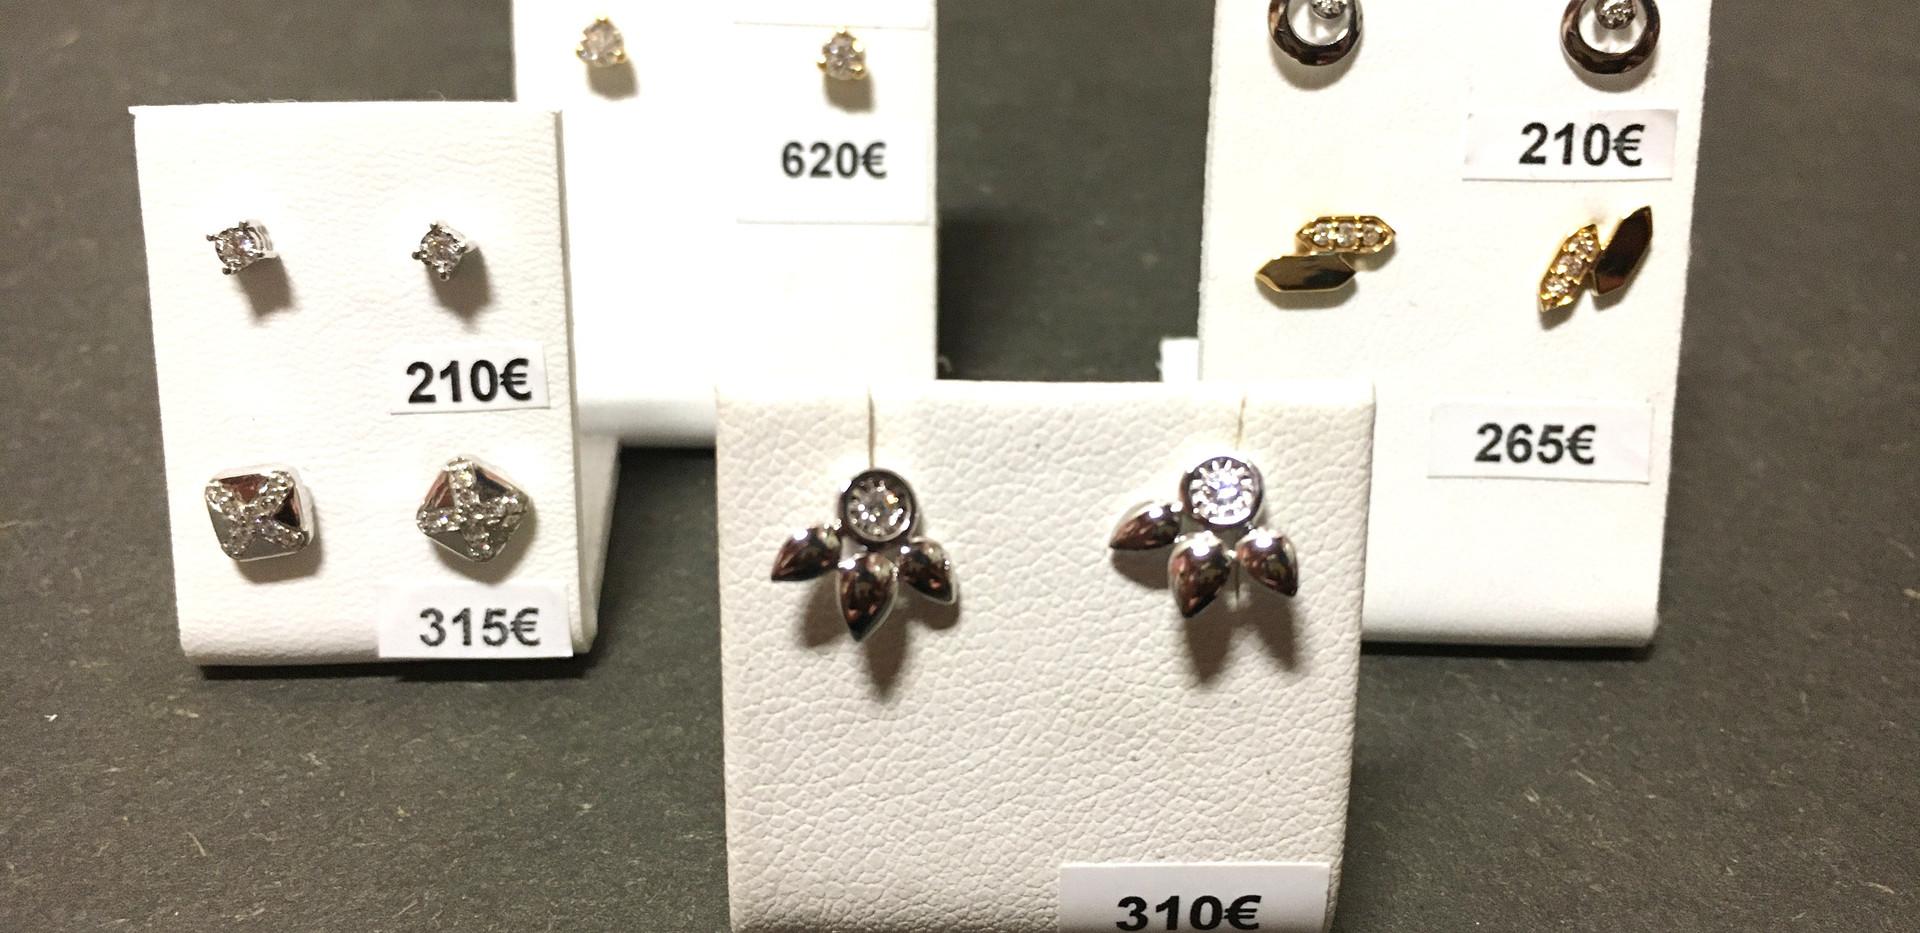 Sélection boucle oreille puce, diamants & or 750.